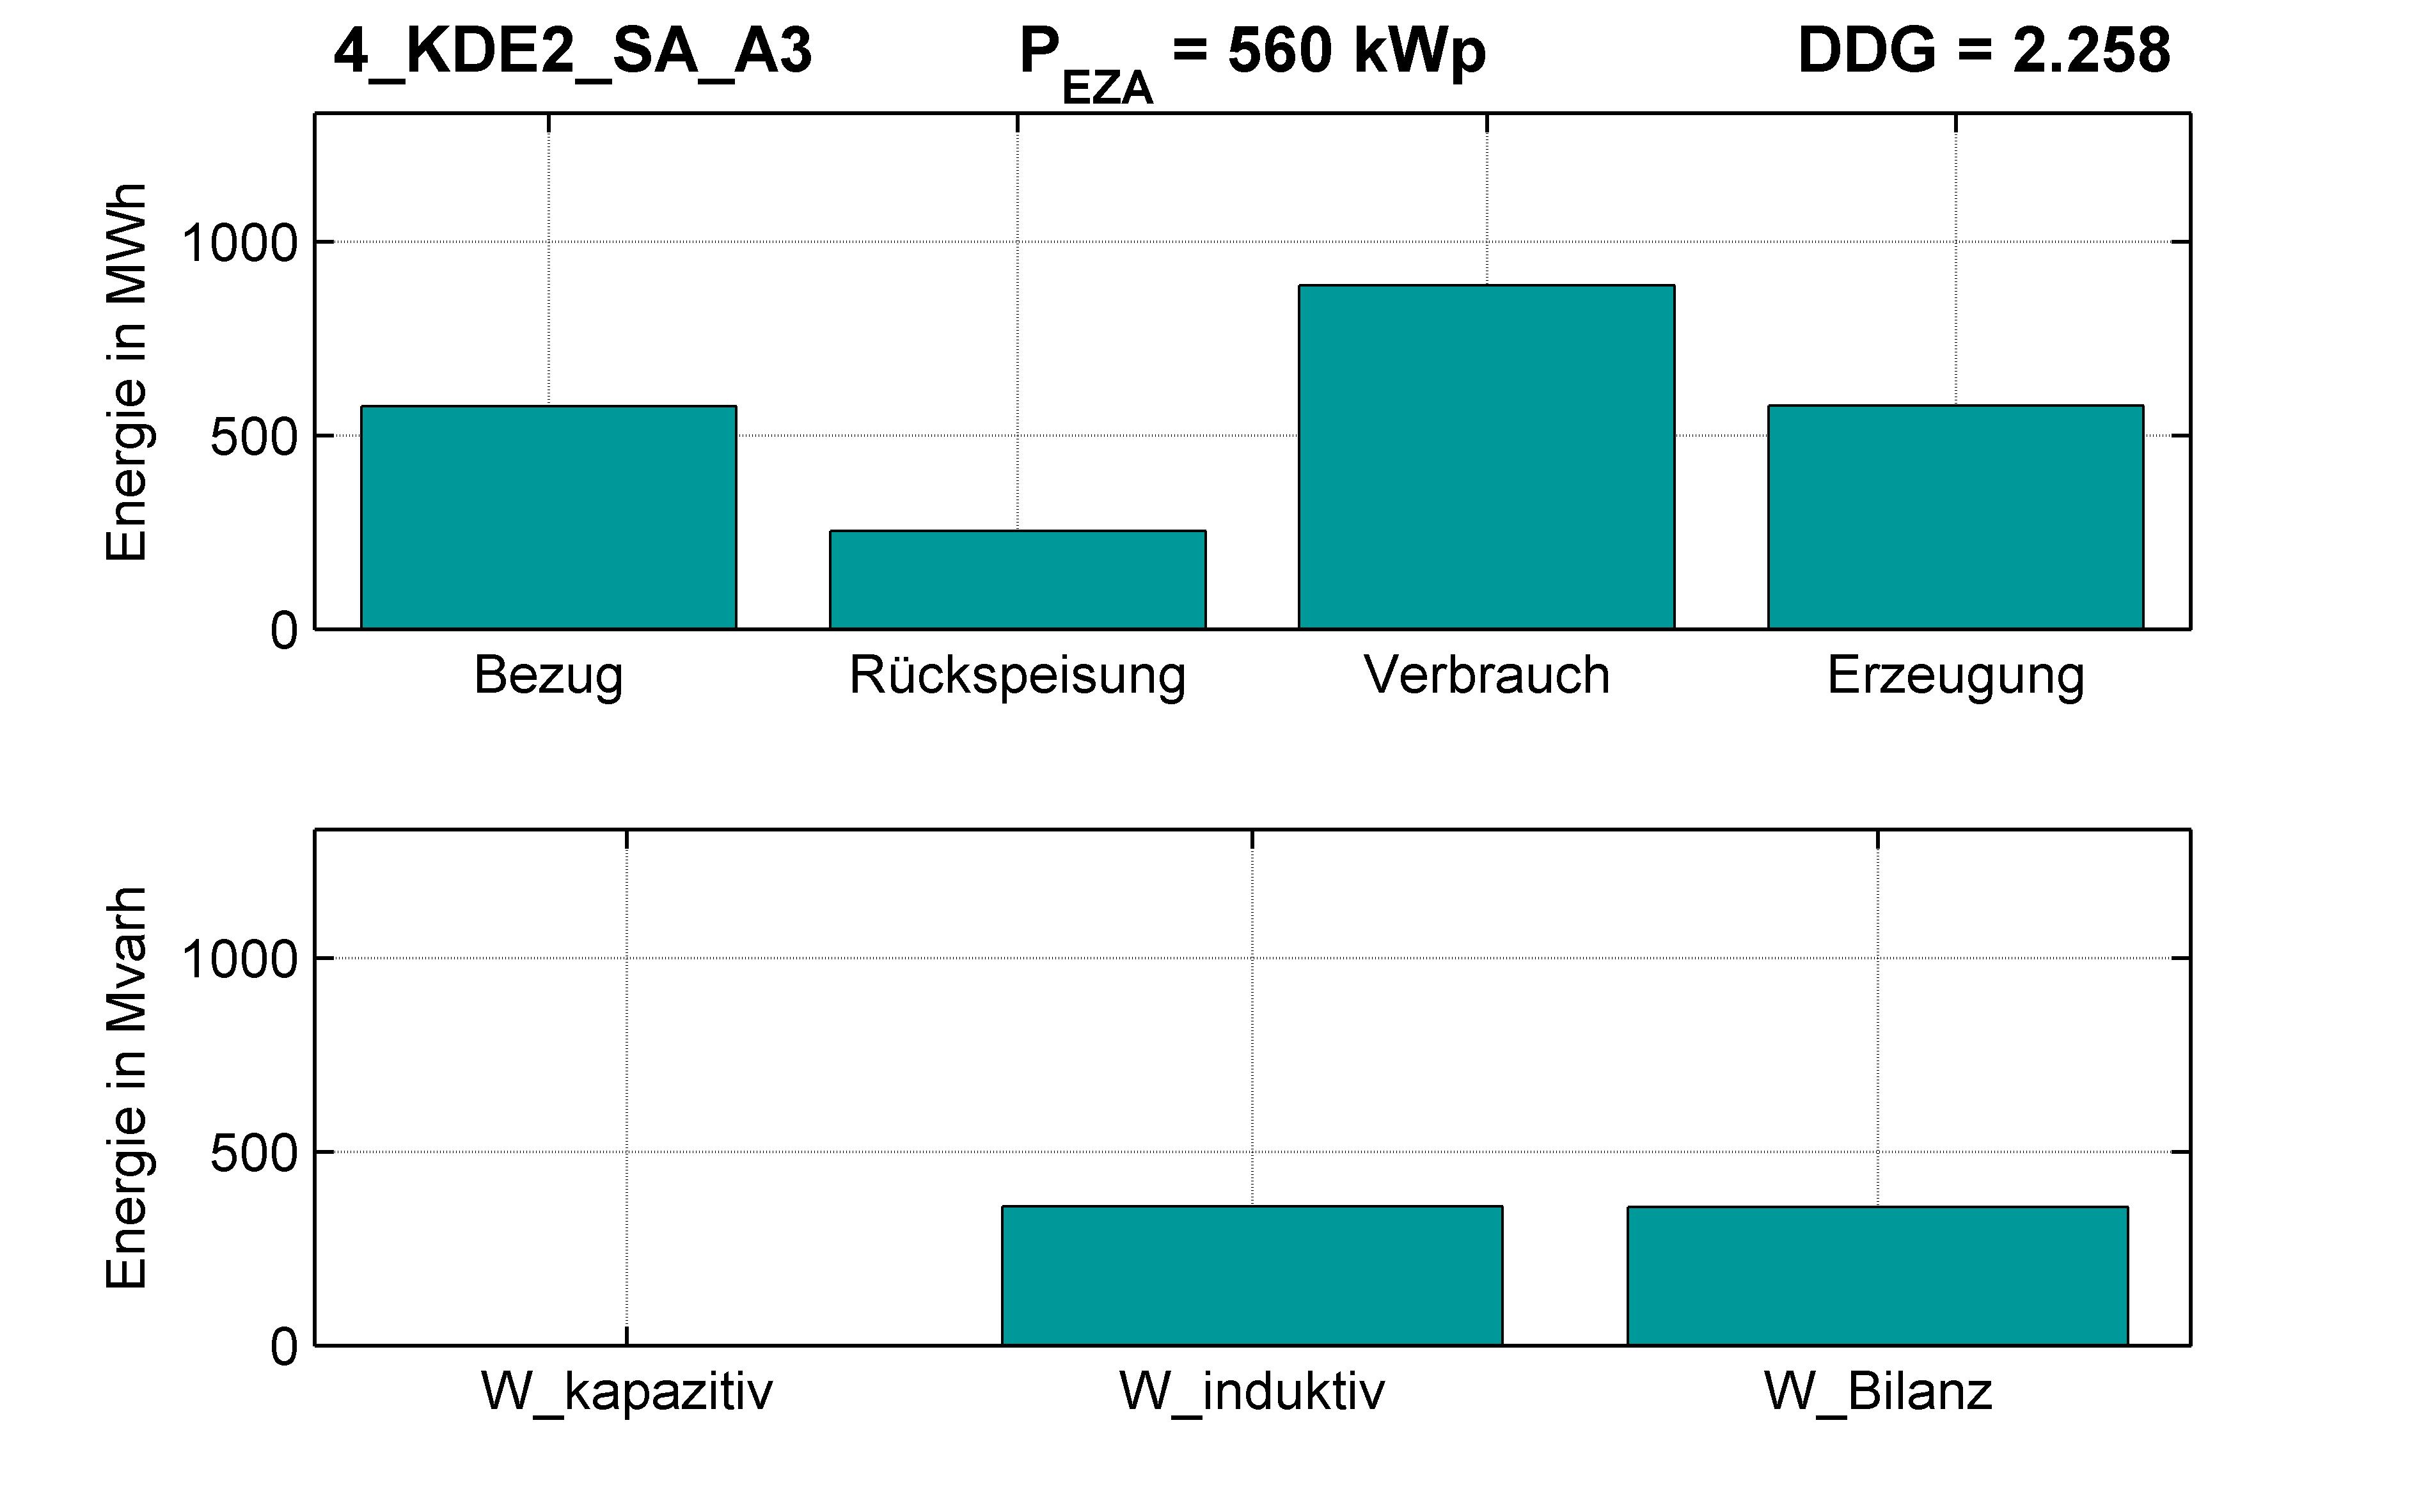 KDE2 | P-Kappung 55% (SA) A3 | PQ-Bilanz